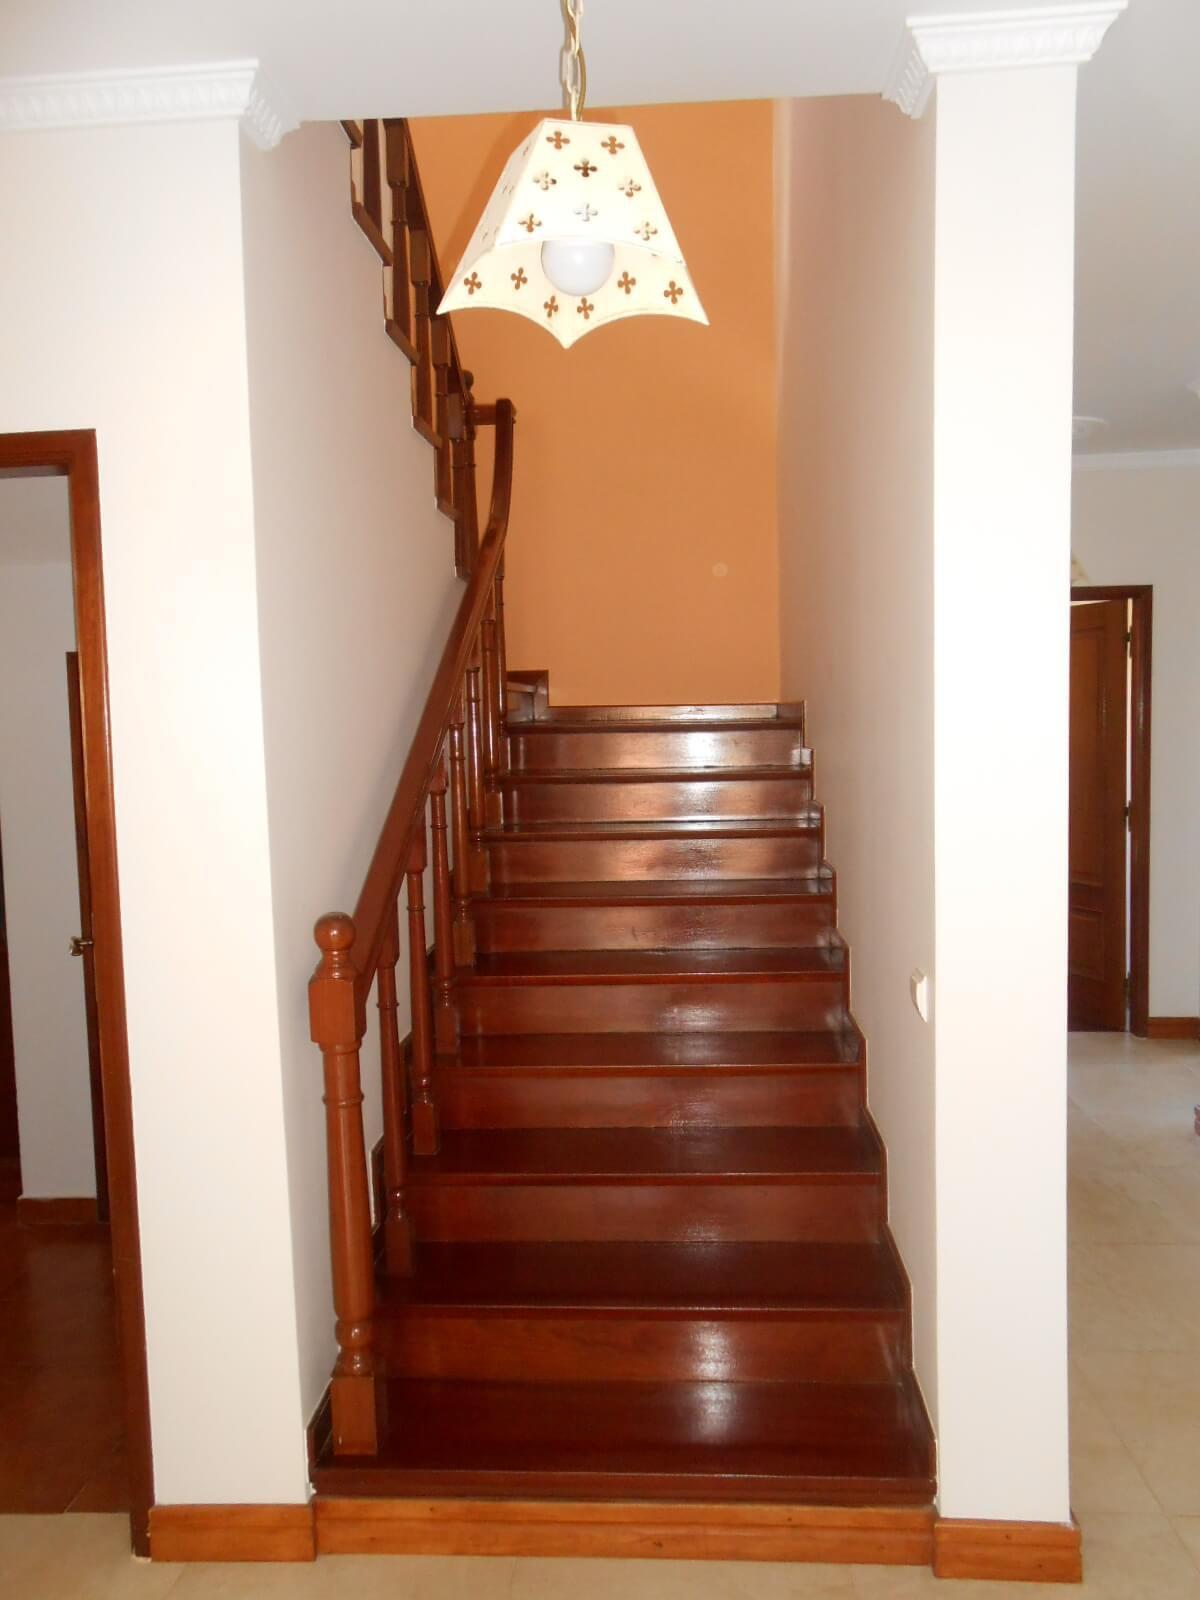 Superbe Maison T3 de 190 m2 sur 500 m2 de Terrain Plat Piscinable. Vue Panoramique sur L'Océan. Calheta